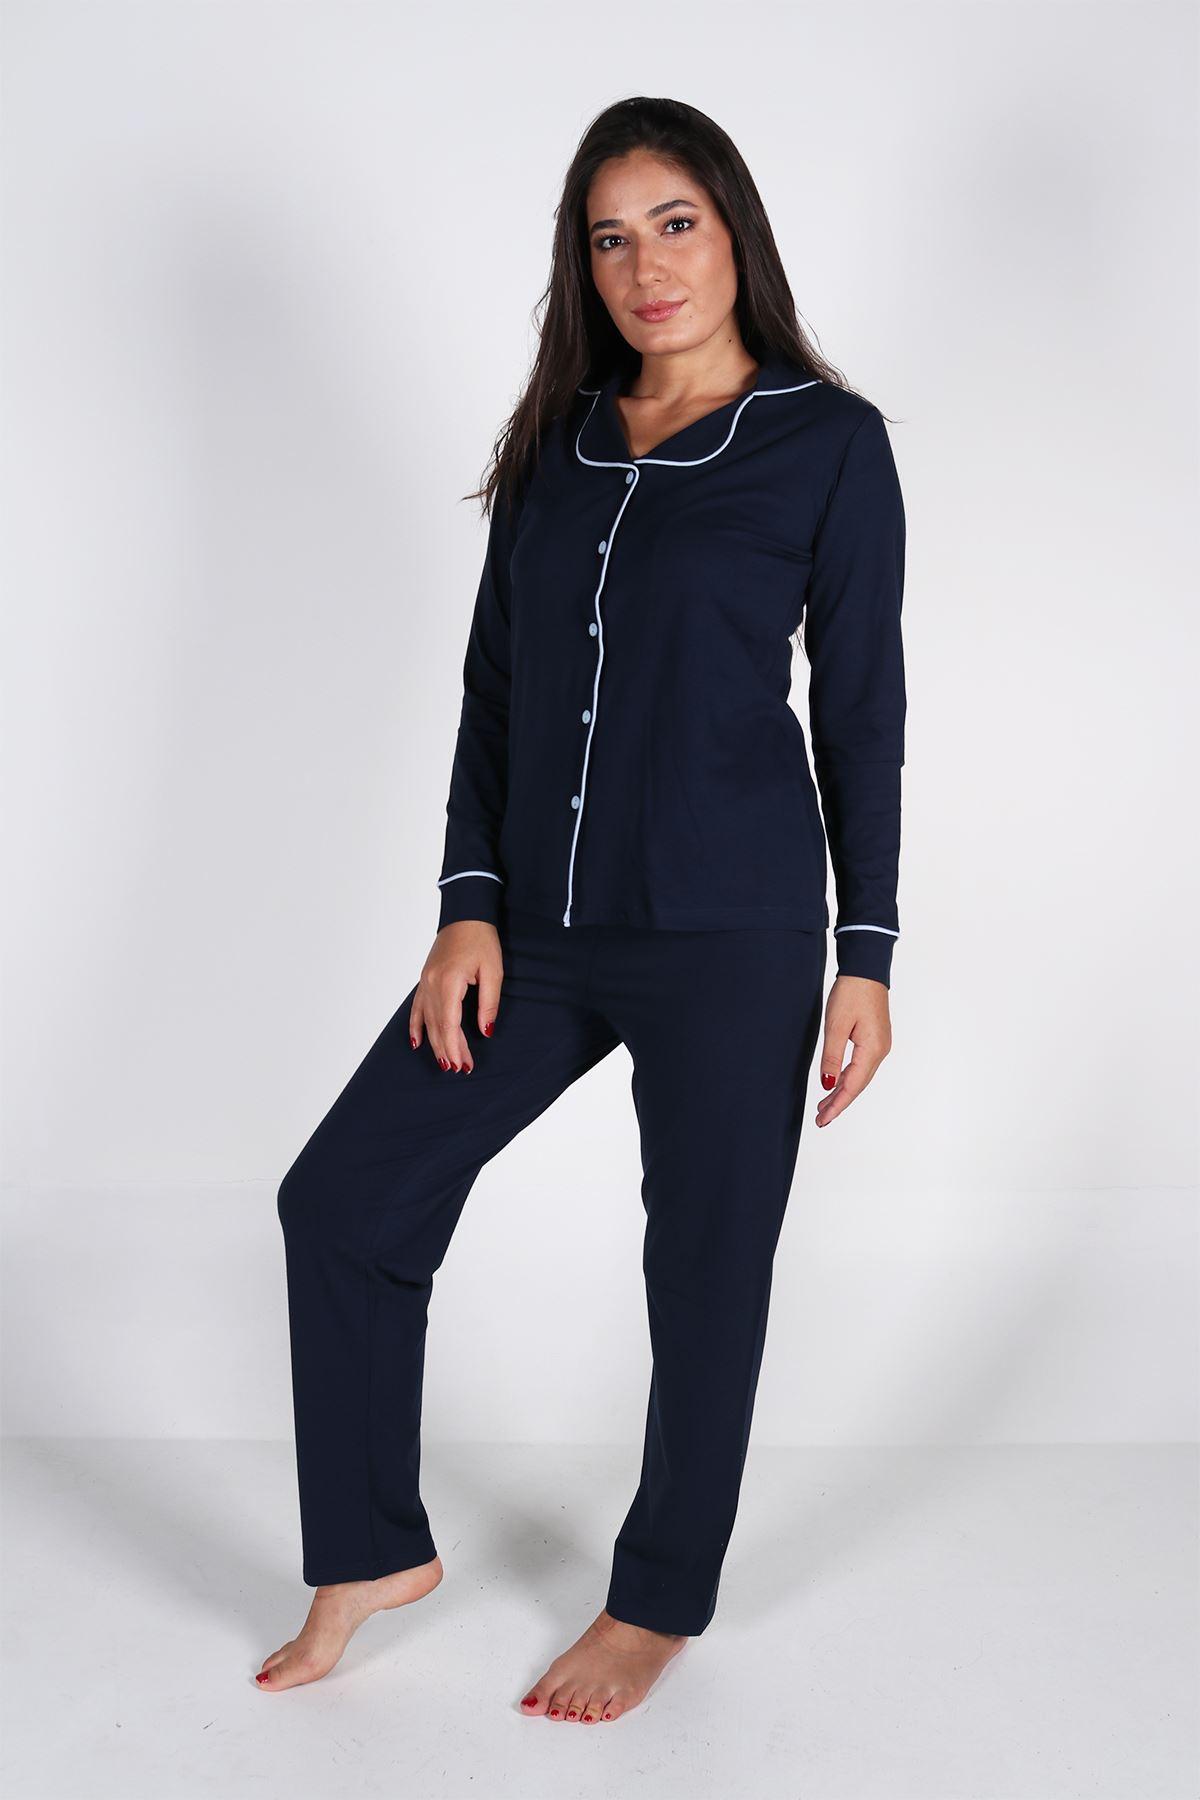 Malabadi Kadın Lacivert Düğmeli Uzun Kol Pijama Takımı 5008